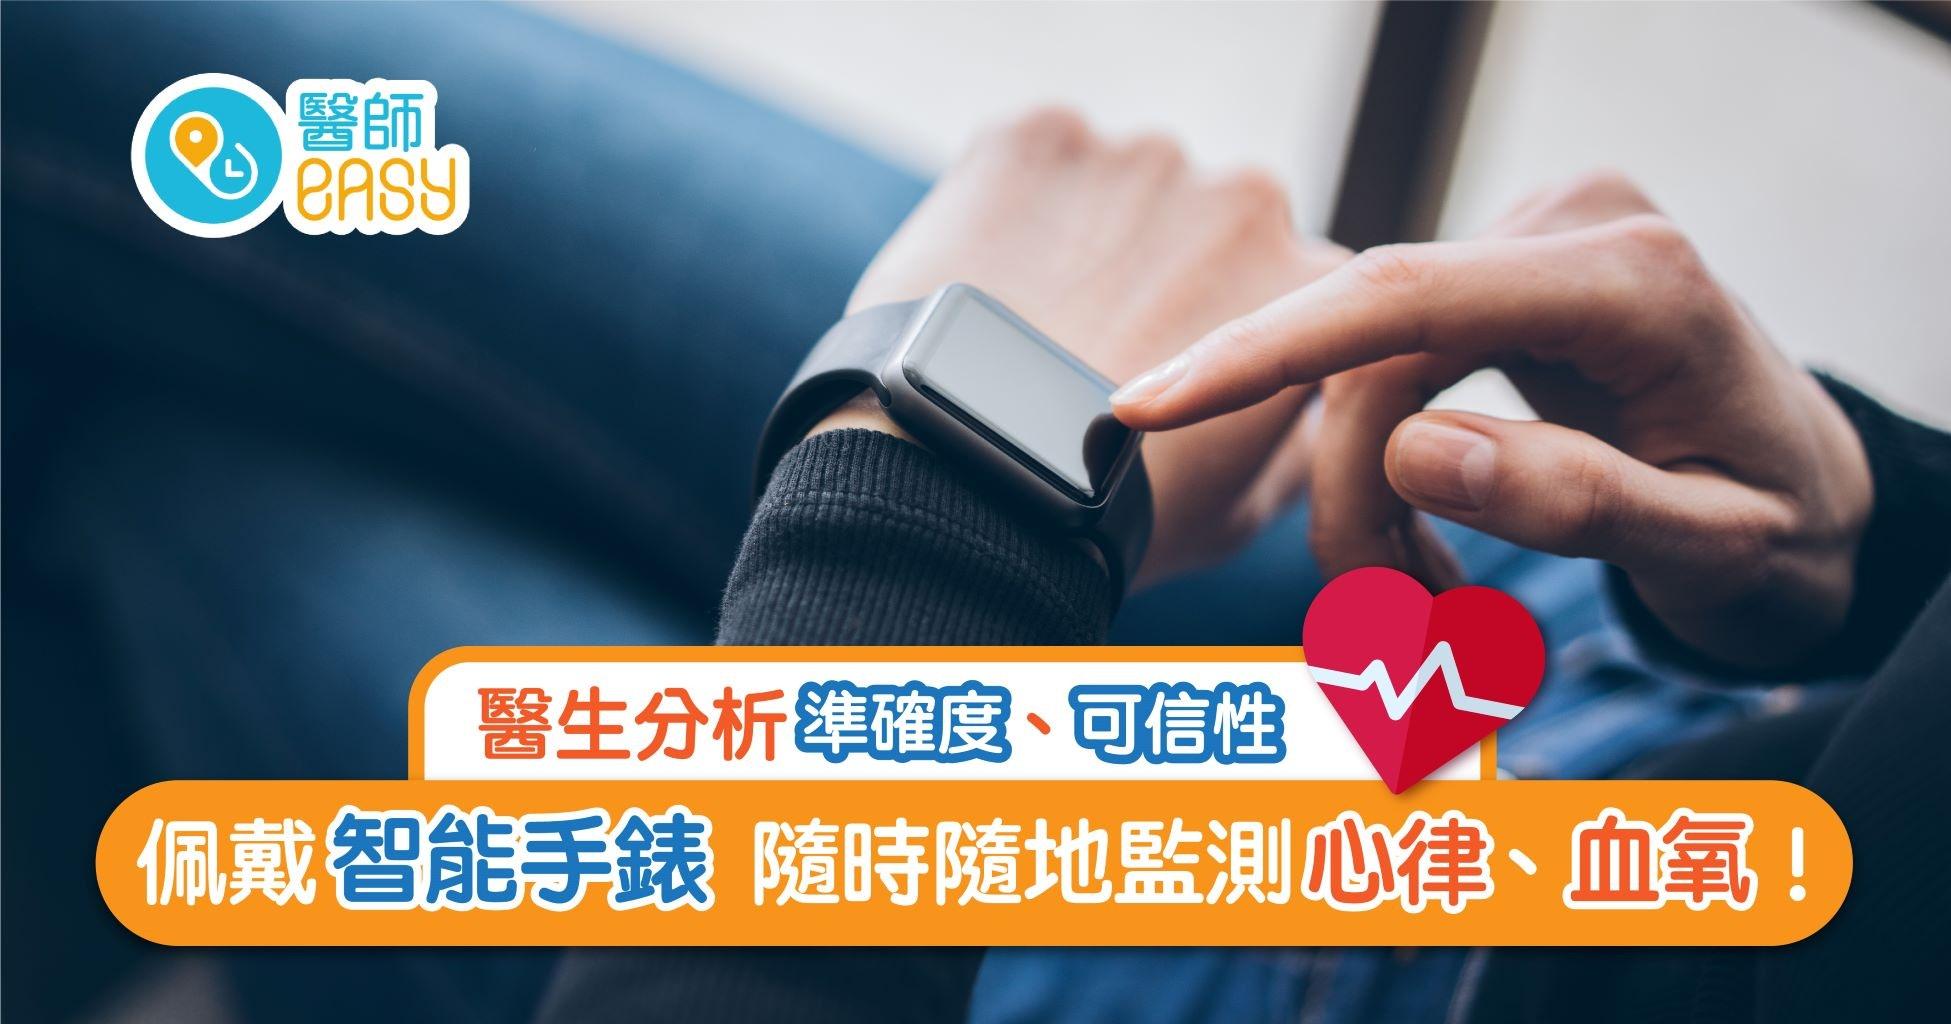 【心臟健康】佩戴智能手錶監測心跳可盡信? 醫生:或可作參考數據